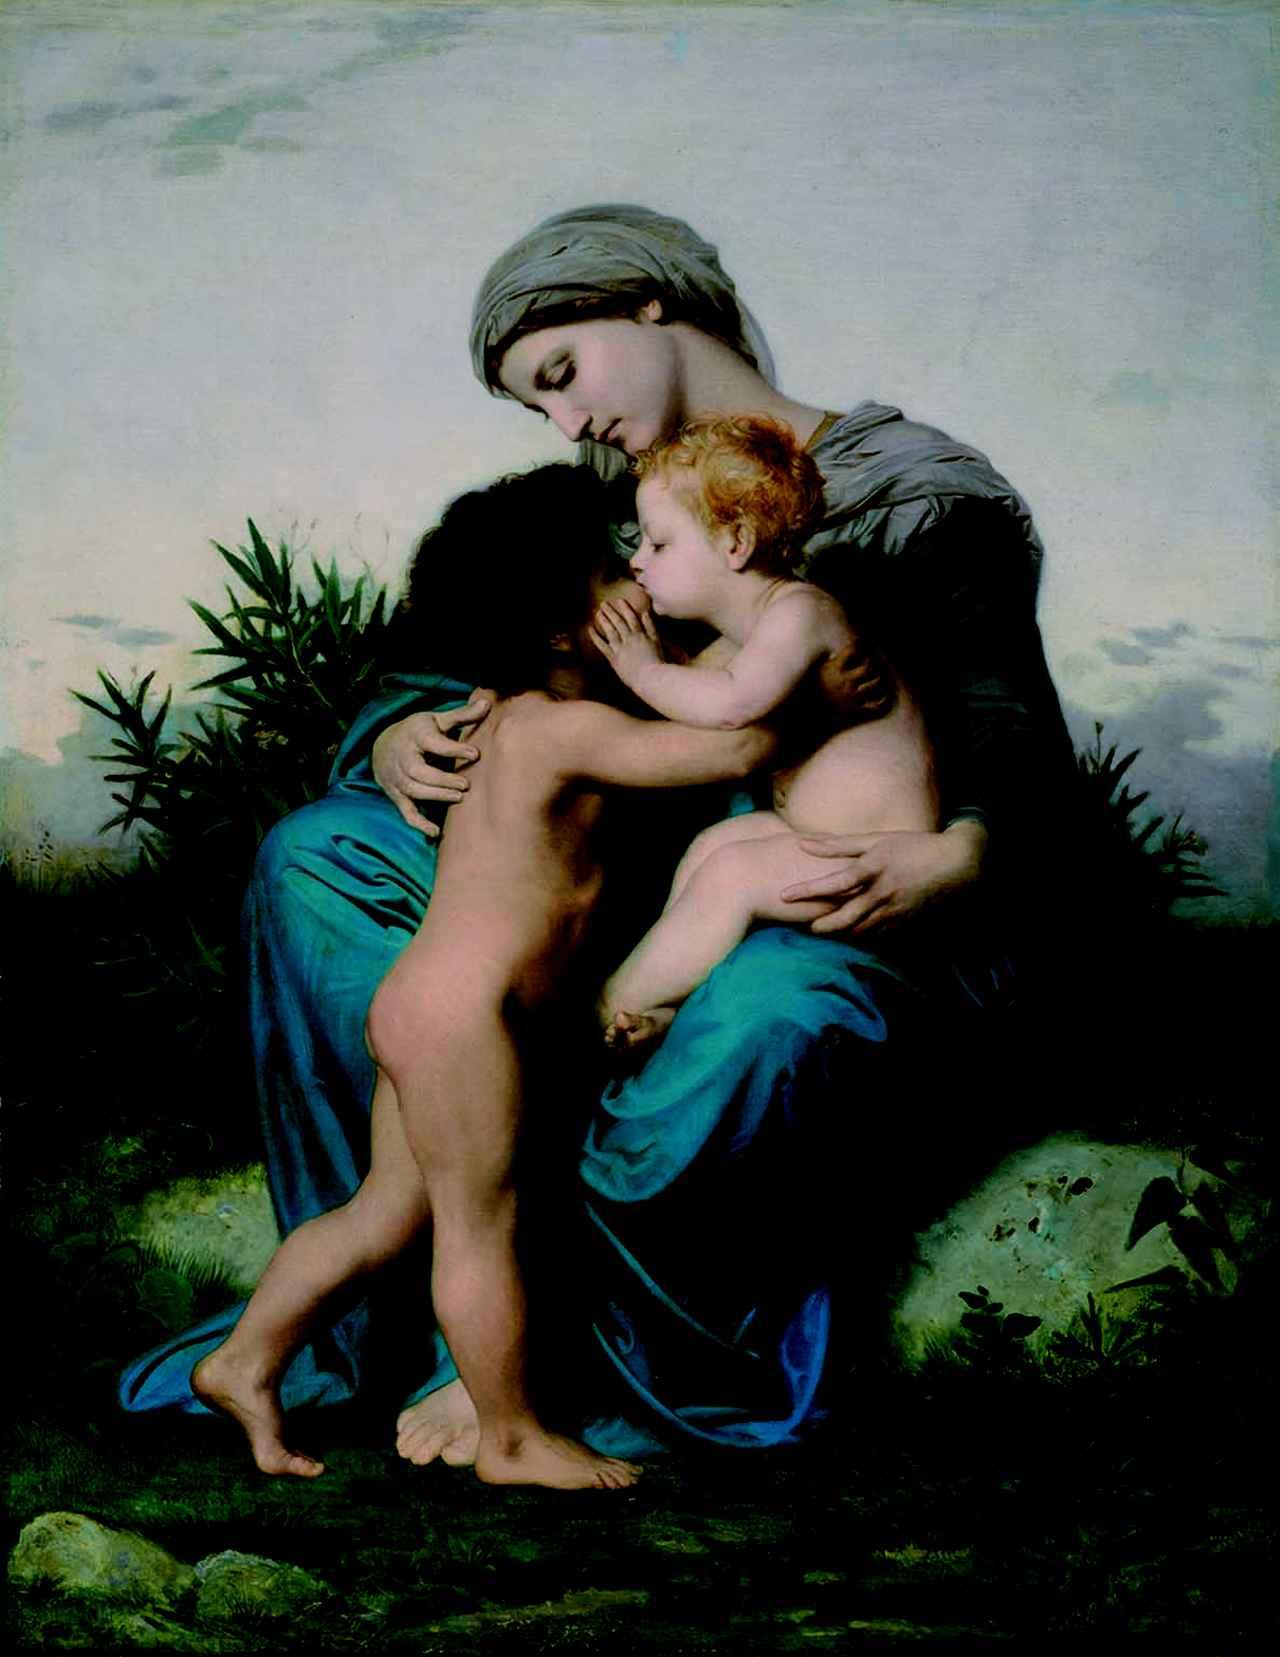 画像: ウィリアム=アドルフ・ブーグロー《兄弟愛》1851年 Gift of the Estate of Thomas Wigglesworth, 08.186 Photograph © Museum of Fine Arts, Boston